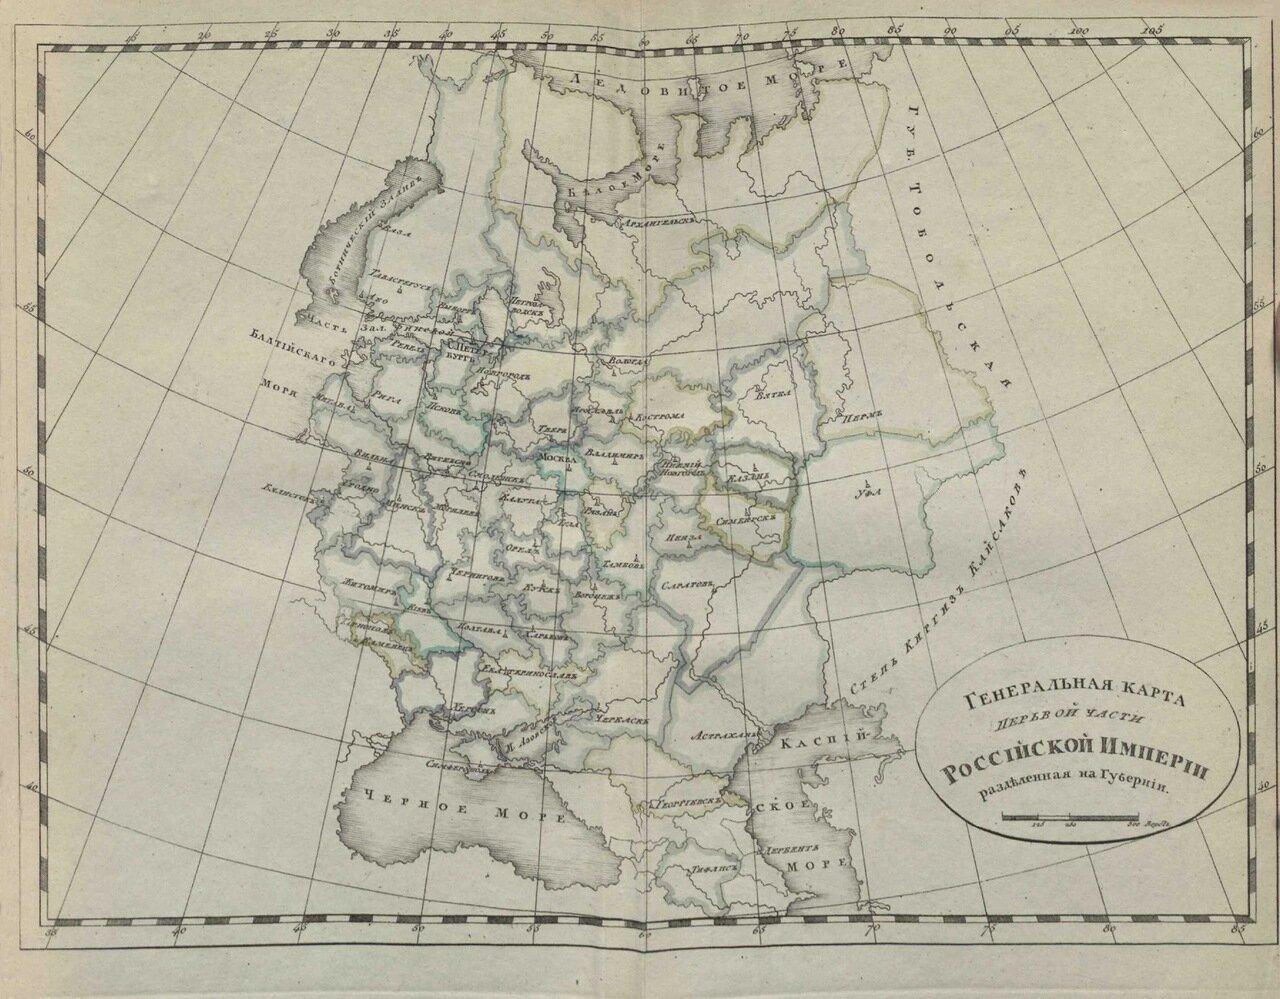 Ген. карта  первой части Российской империи